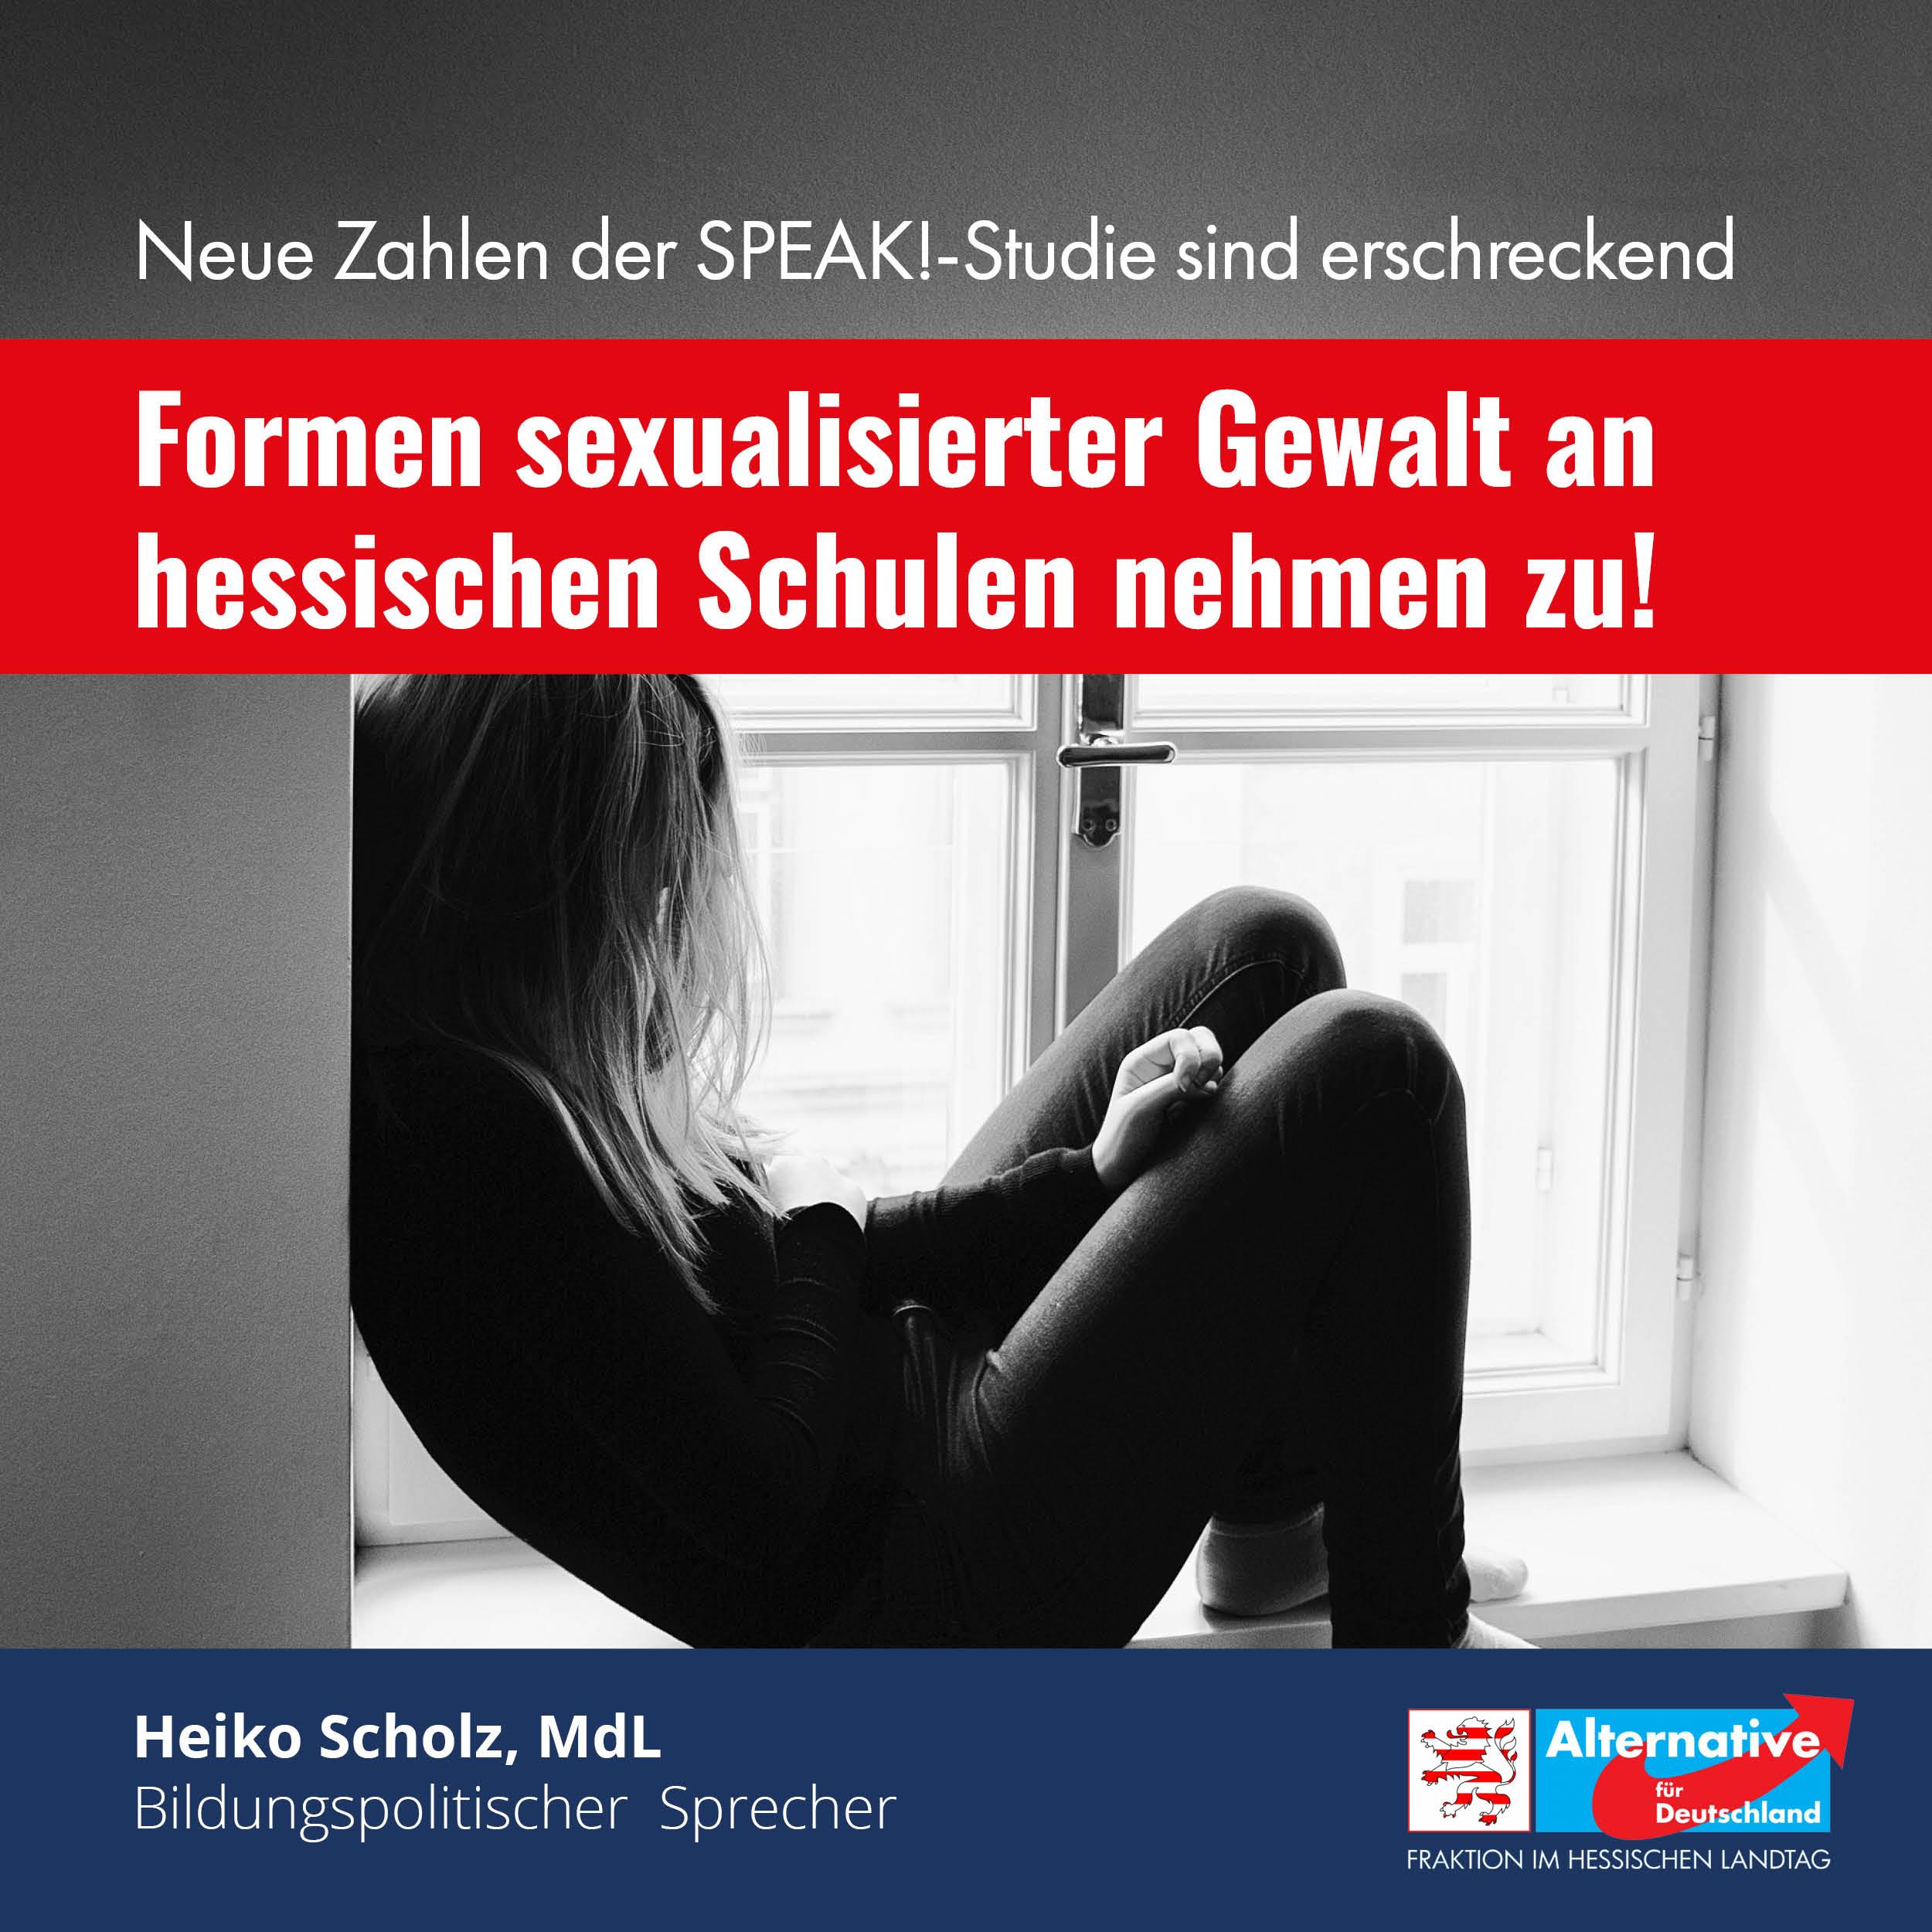 You are currently viewing AfD-Anfrage belegt: Formen sexualisierter Gewalt nehmen an hessischen Schulen zu!